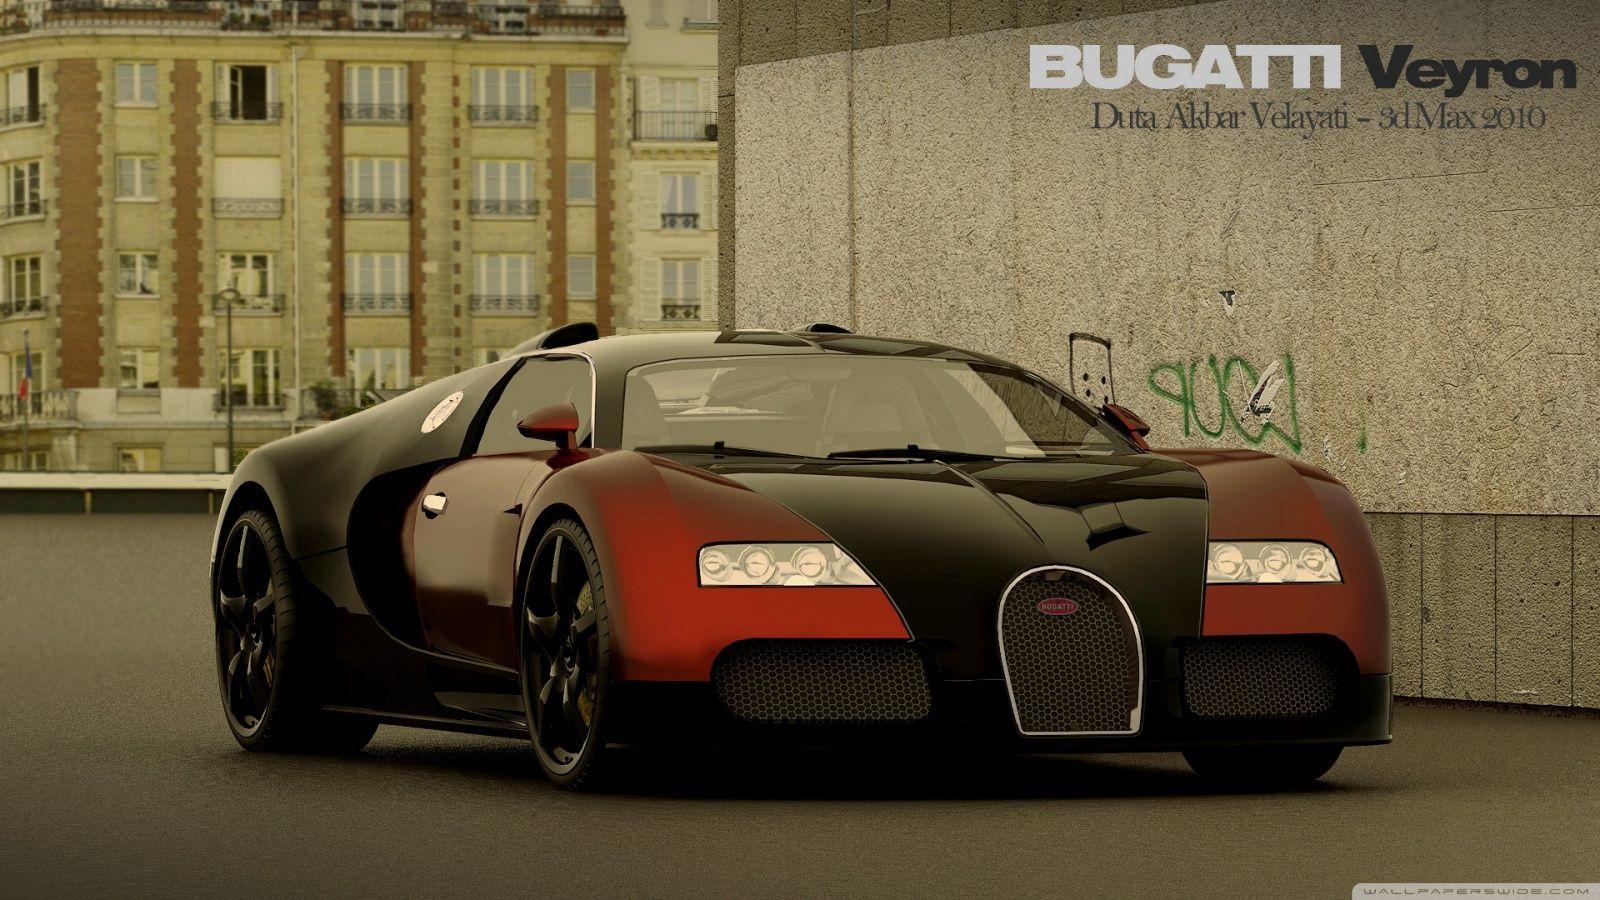 Bugatti Car Wallpaperspictures Bugatti Widescreen Hd Desktop Bugatti Veyron Bugatti Bugatti Wallpapers